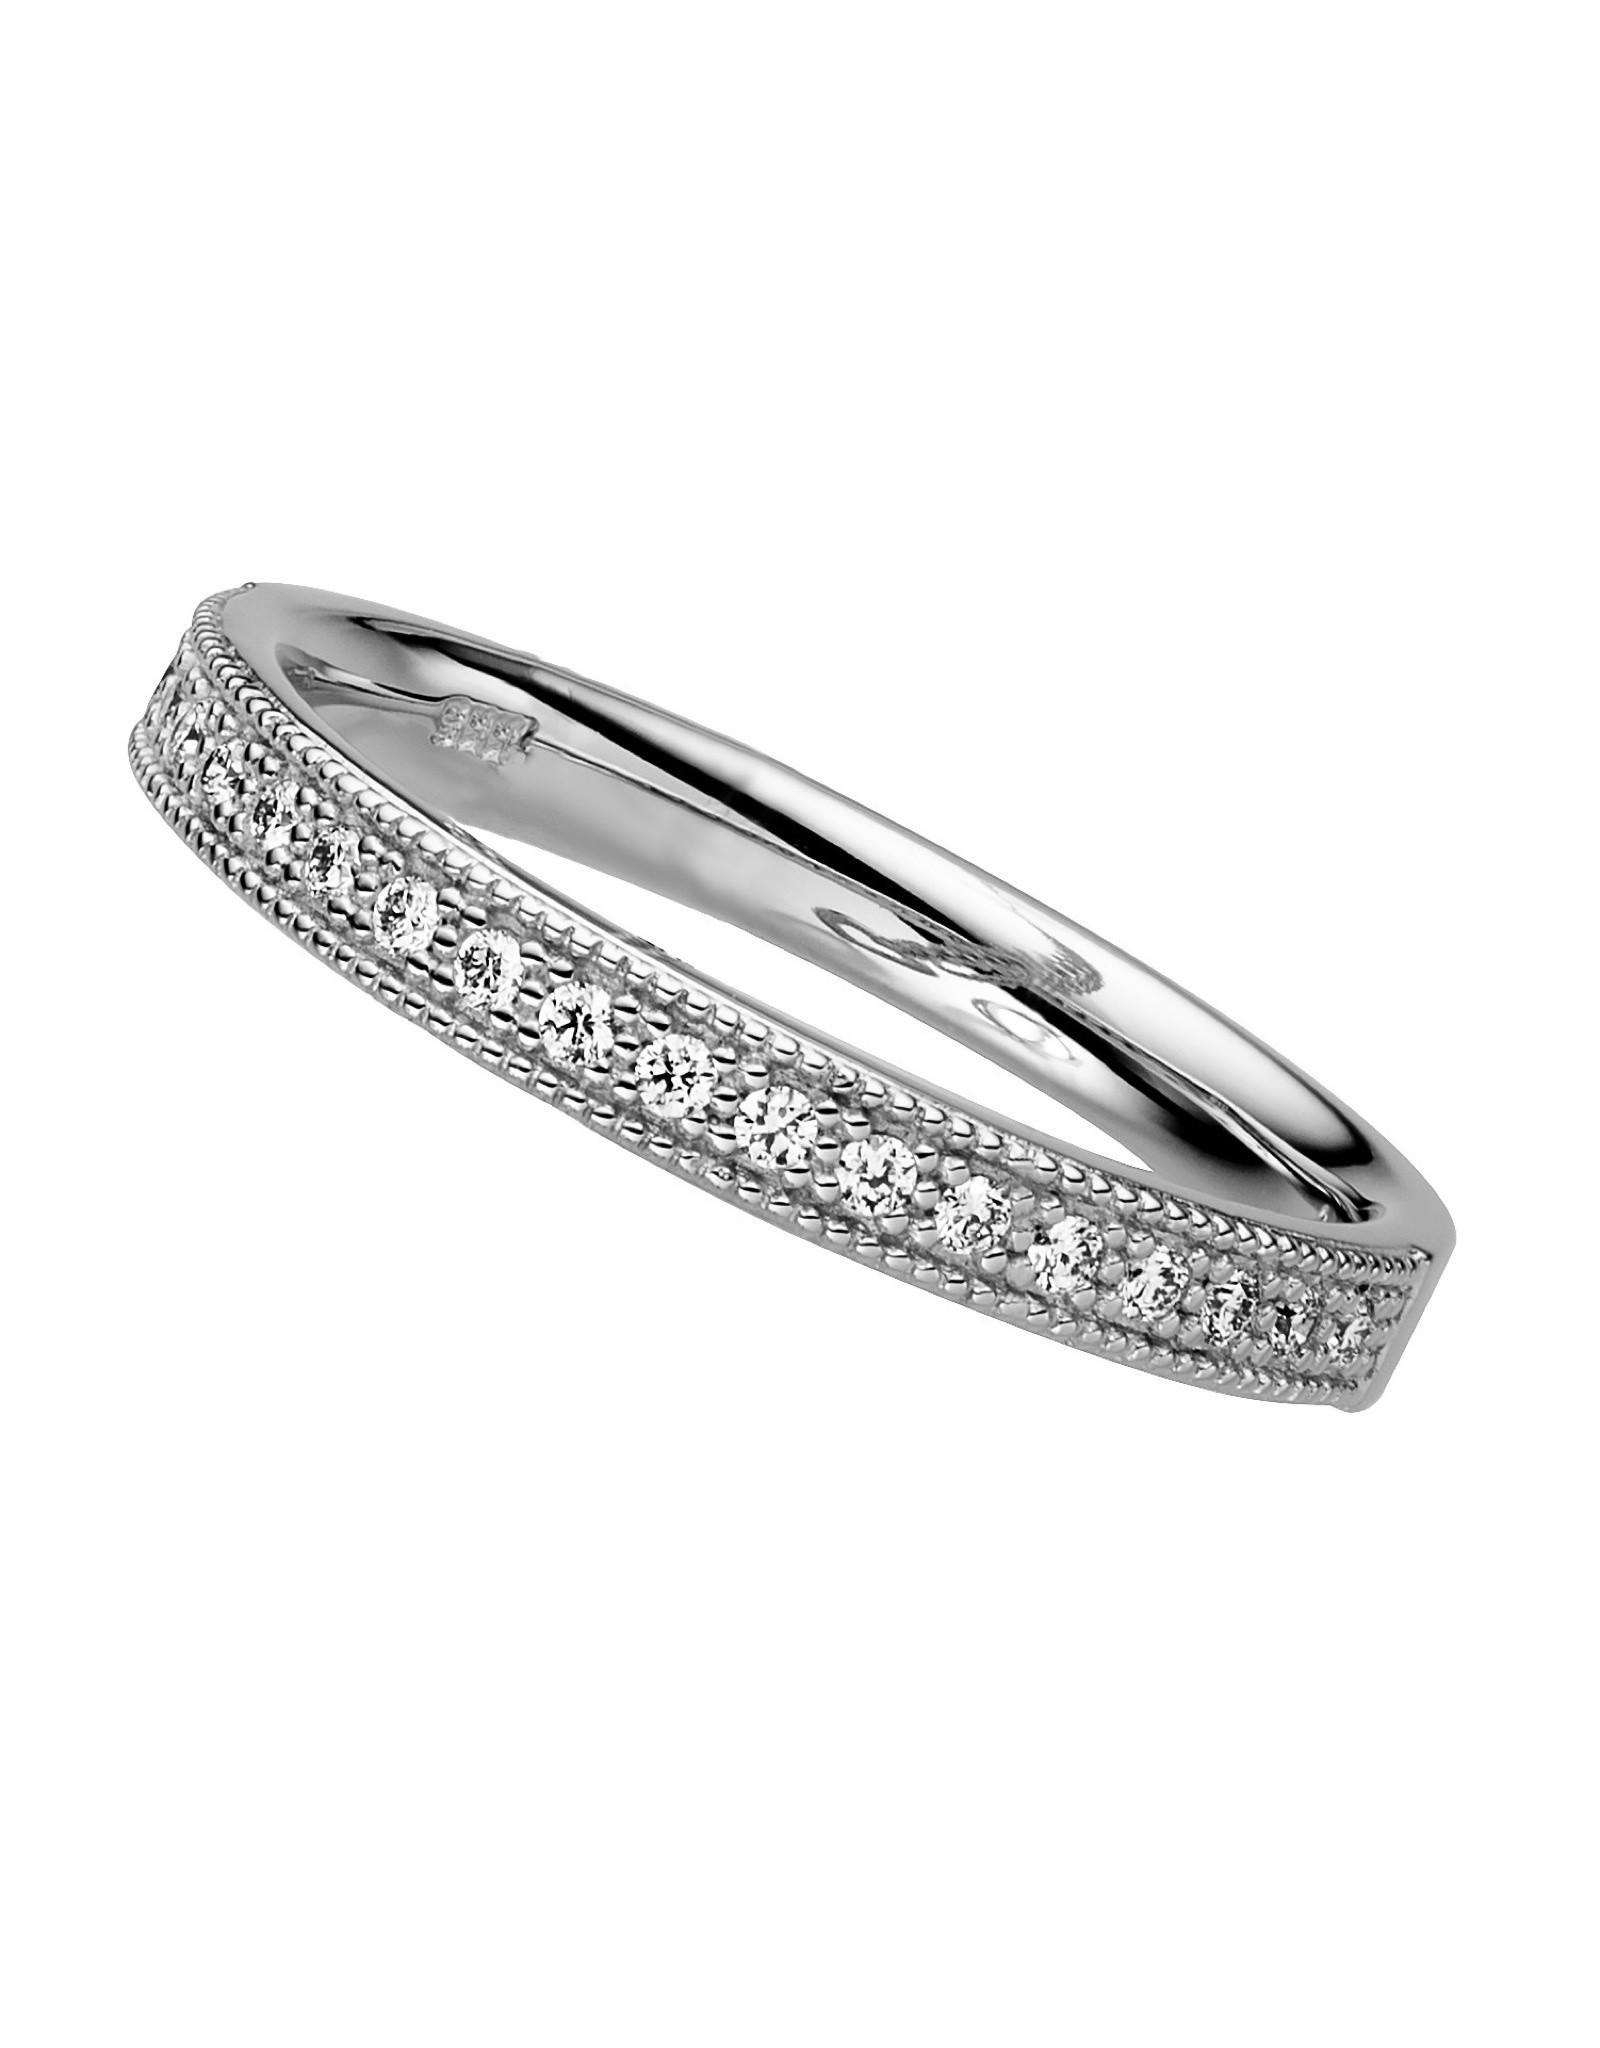 Trouwring wit goud diamant